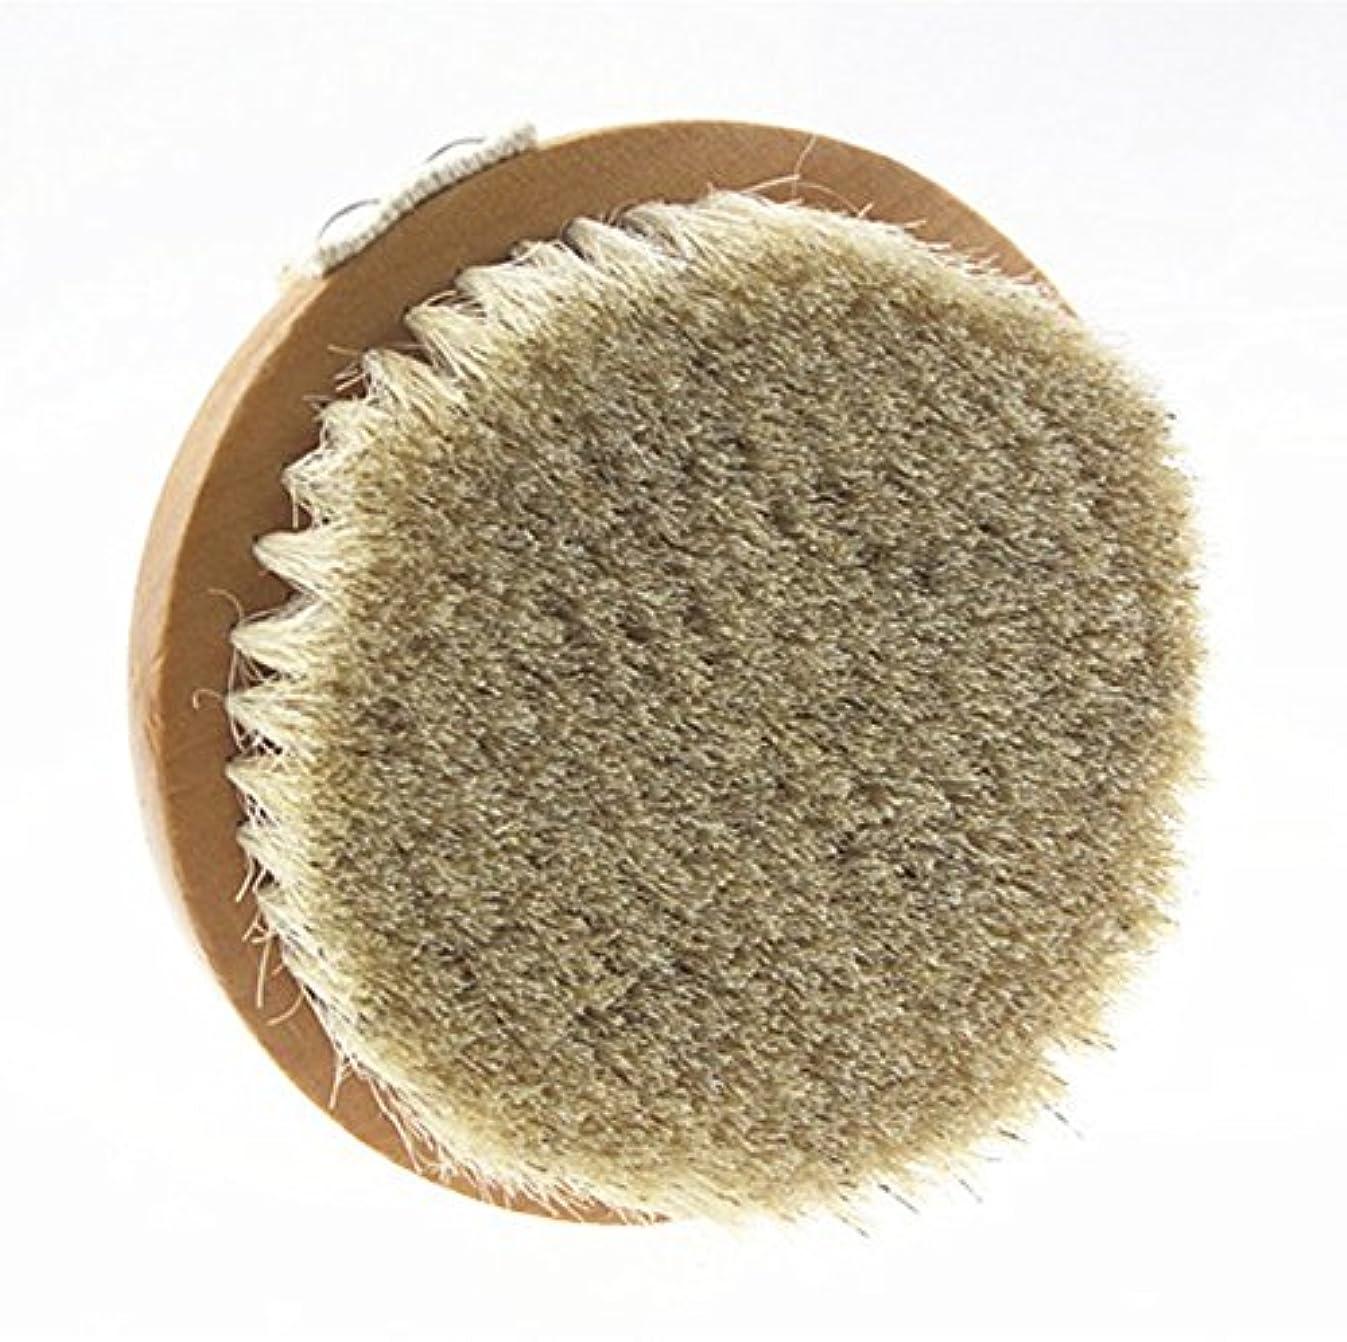 ゆりかご恨み通知Sweetimes ボディブラシ 丸型 高級な馬毛100% 角質除去 バス用品 天然素材 低刺激 No.20-1